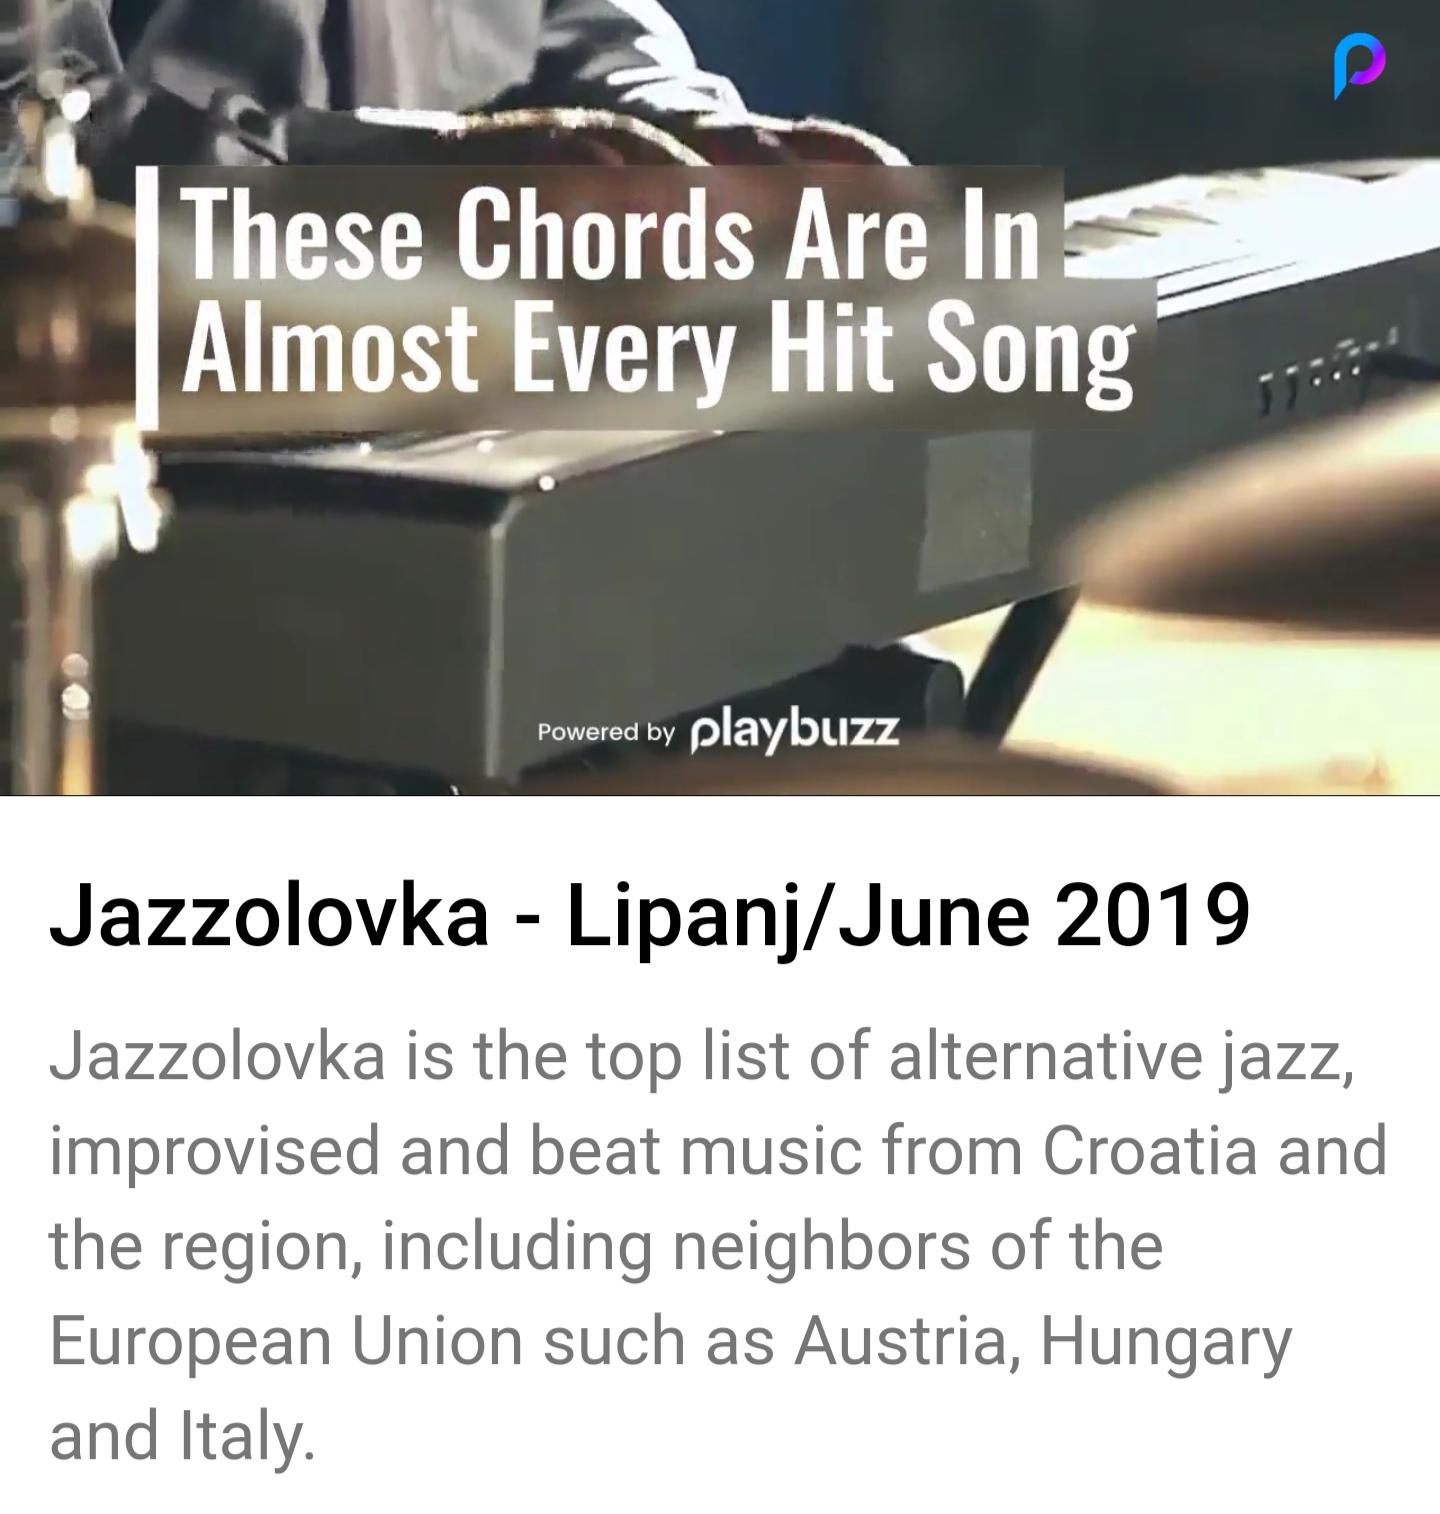 Гласајте за наш битолчанец да биде учесник на престижната Jazzolovka во Хрватска!